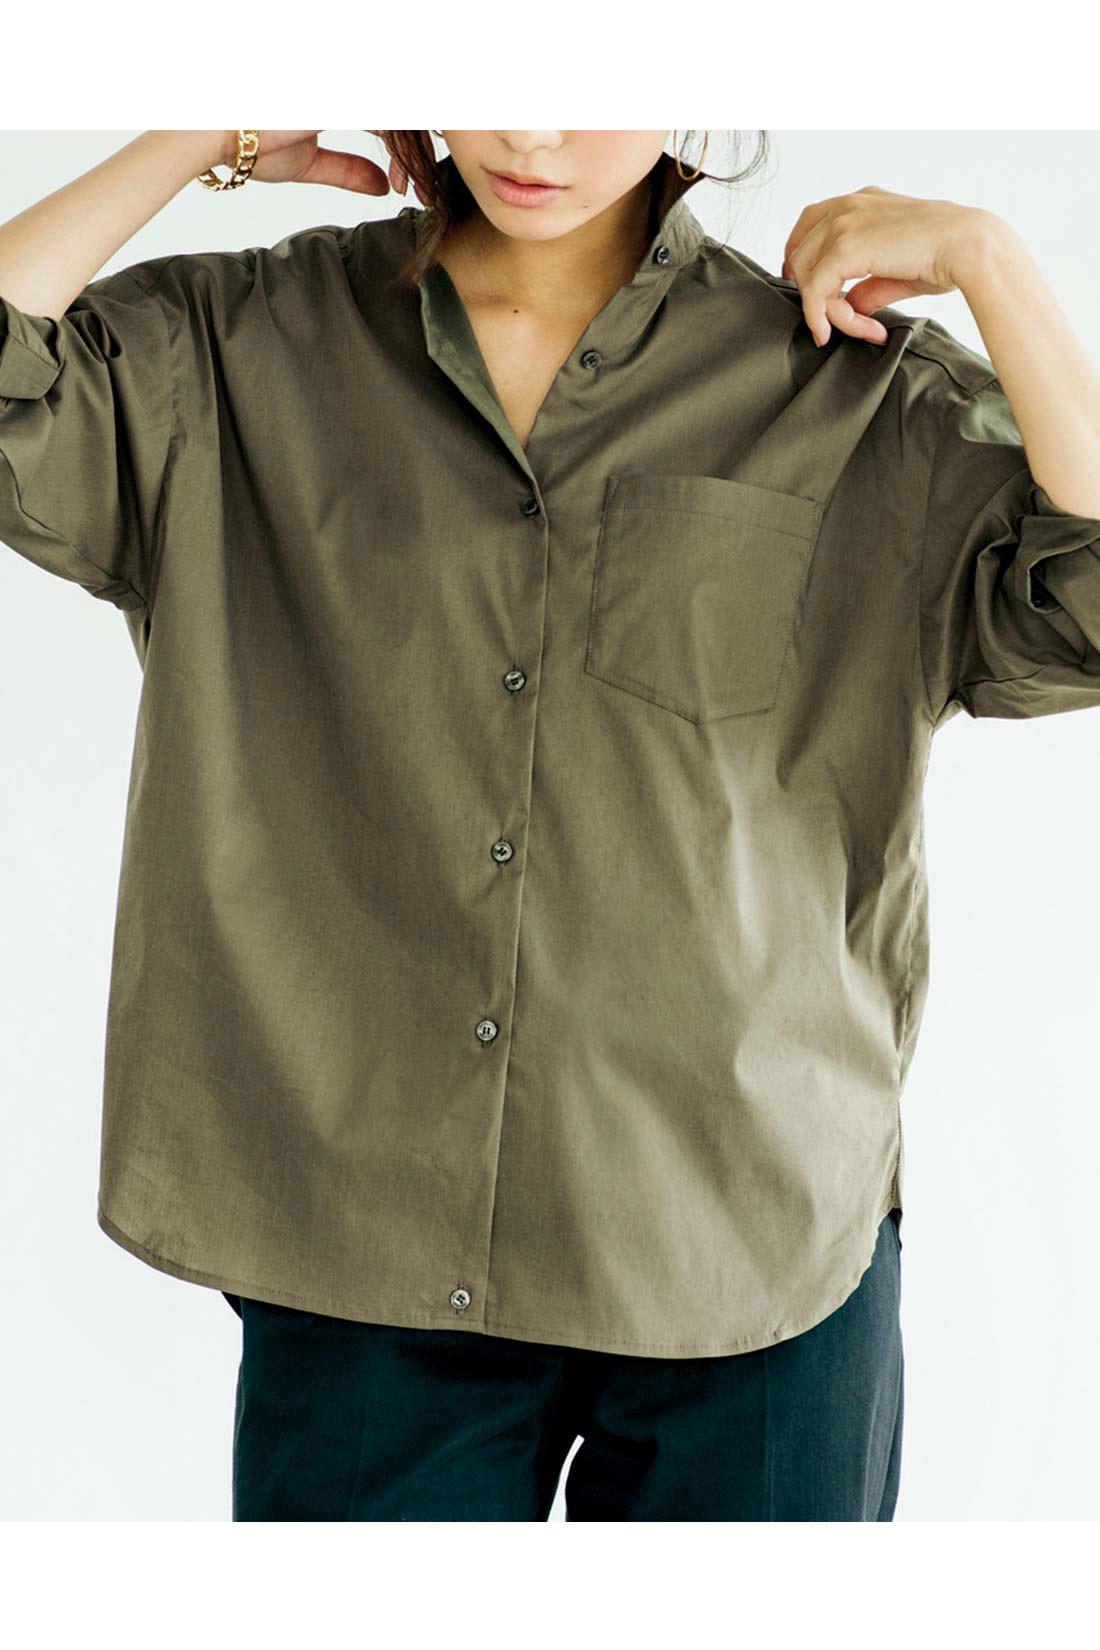 ドロップショルダーとほんのりドルマンシルエットデザイン。 ※お届けするカラー・袖丈とは異なります。